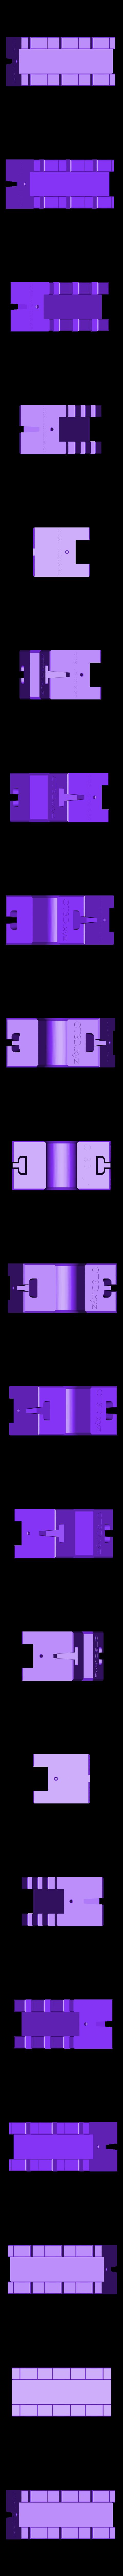 Wall_Gate_(Modular Castle Playset - 3D-printable)_By_CreativeTools.se.stl Télécharger fichier STL gratuit Plateau modulaire de château (imprimable en 3D) • Modèle à imprimer en 3D, CreativeTools